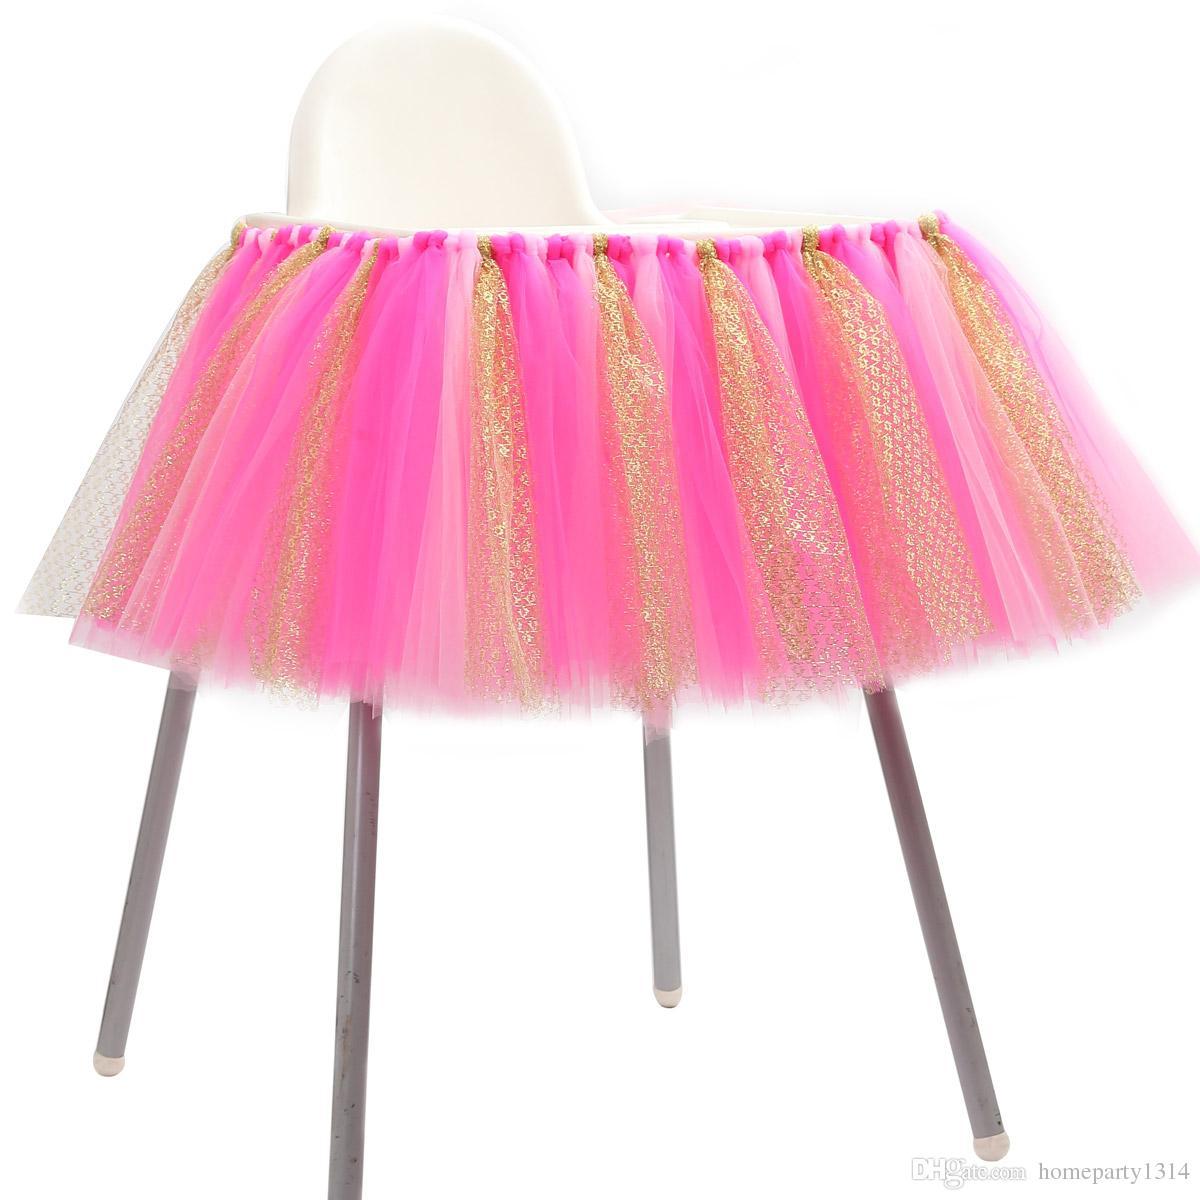 Großhandel Baby Shower Birthday Party Tüll Tisch Röcke Stuhl Röcke Junge Mädchen Taufe Diy Handwerk Wand Dekoration 39x13 Zoll Von Homeparty1314